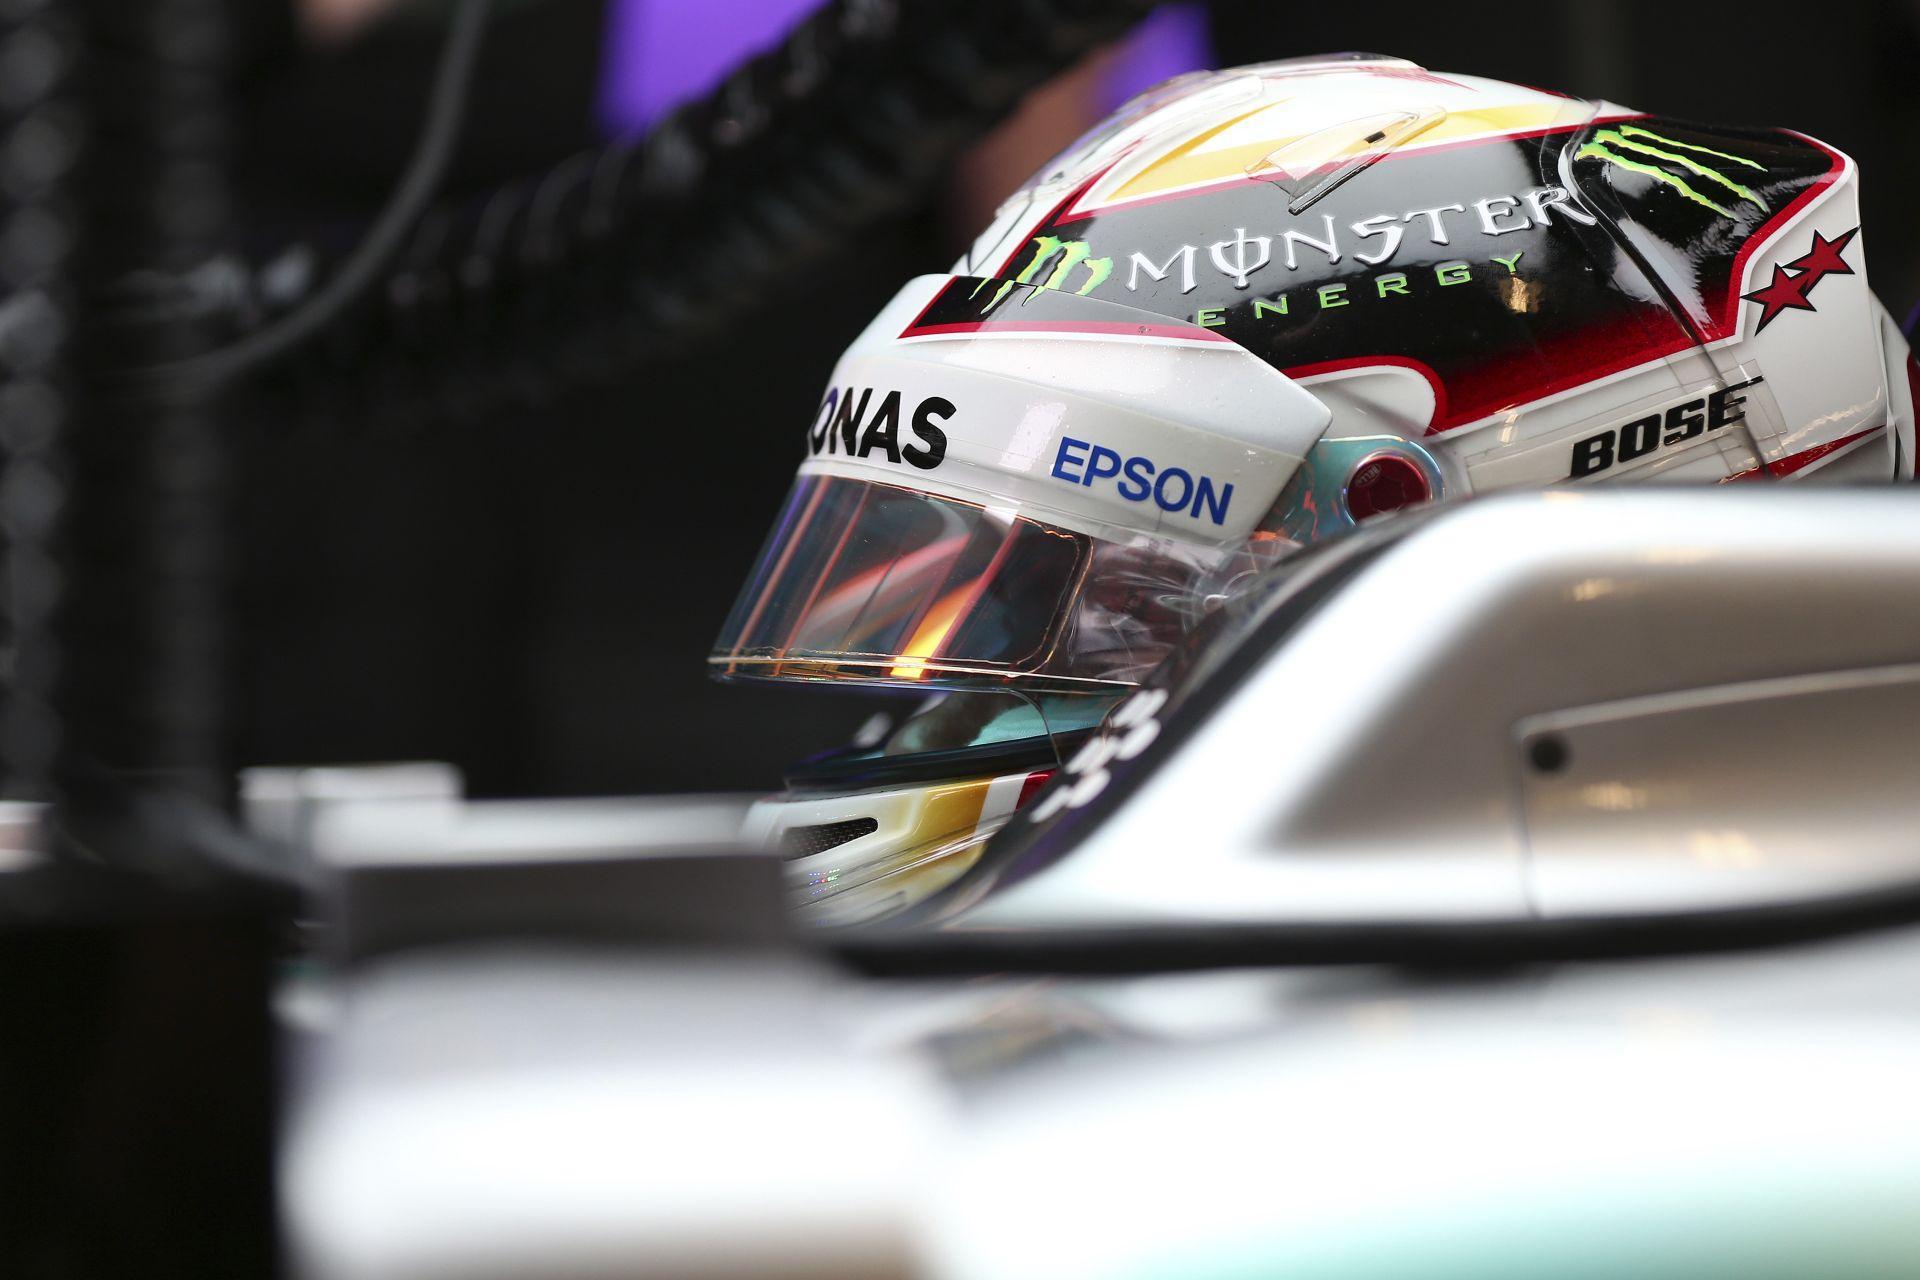 """Hamilton: """"A Ferrari sokkal közelebb van a Mercedeshez, mint azt ők mondják a médiának"""""""